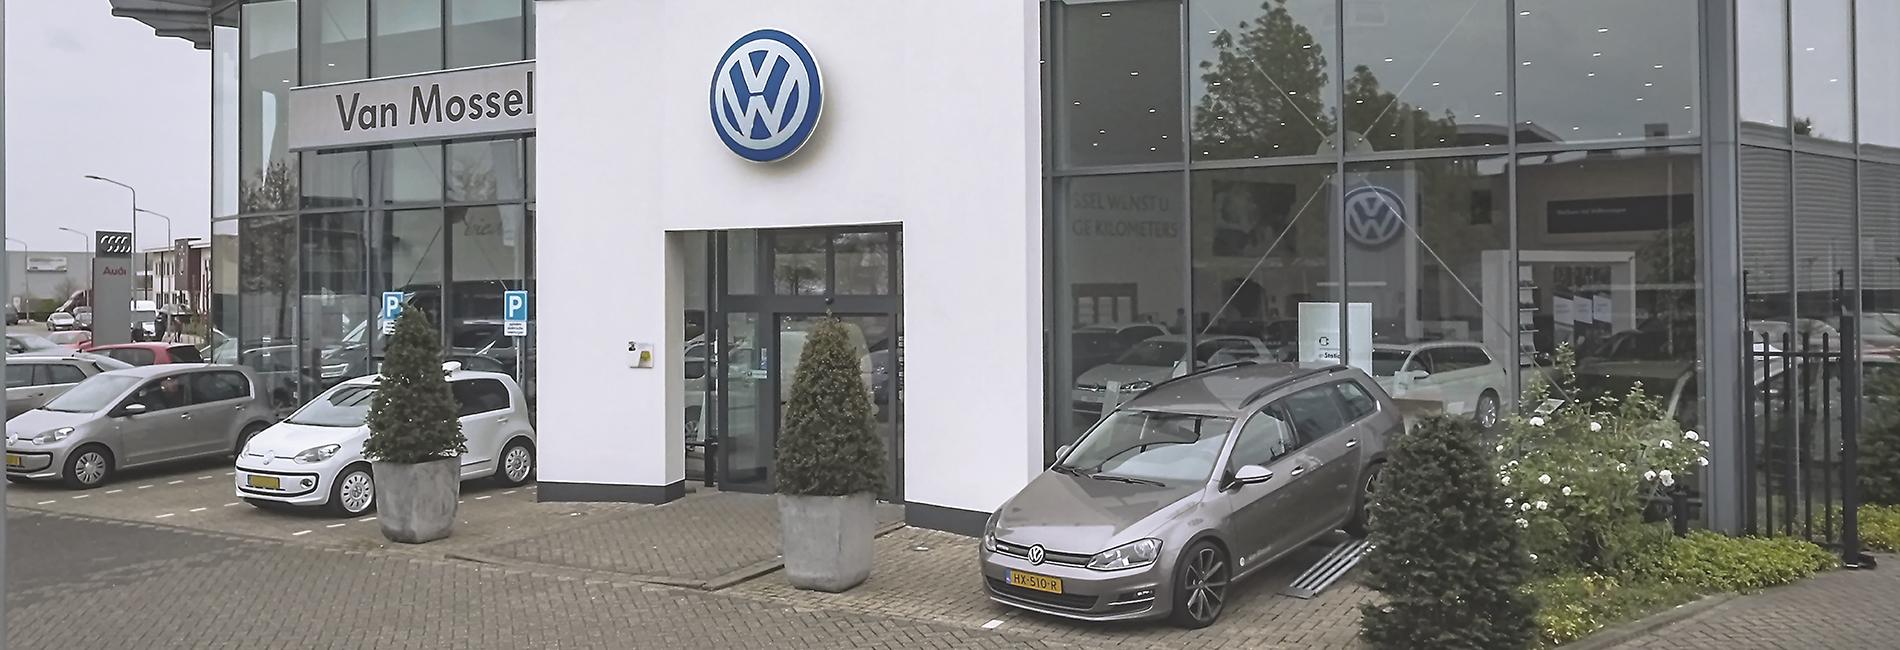 Dealer Van Mossel Valkenswaard - Volkswagen.nl